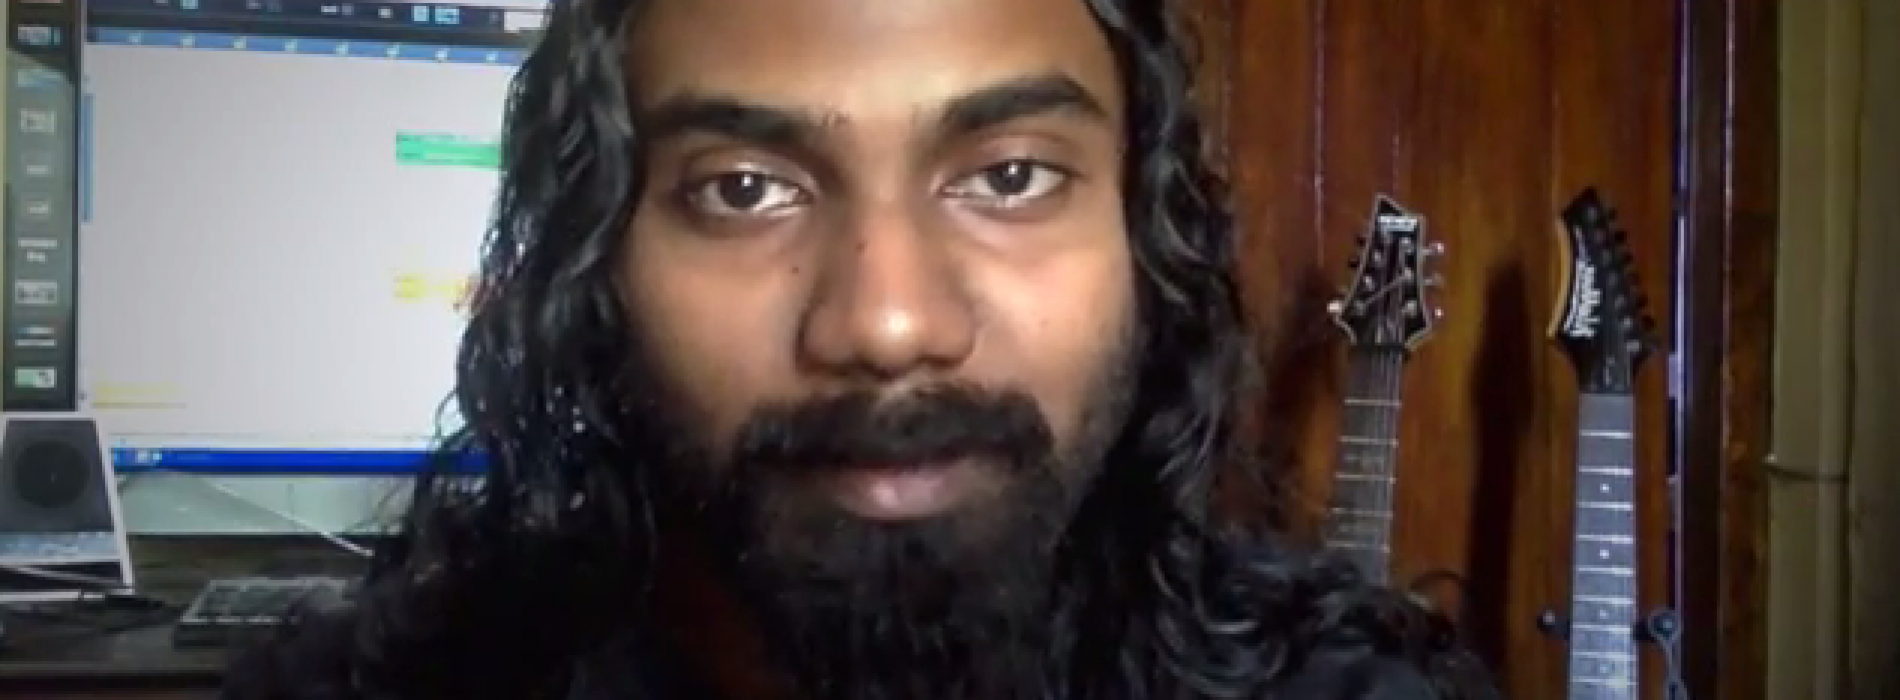 Arjun Dhas – Jan 2015 Update